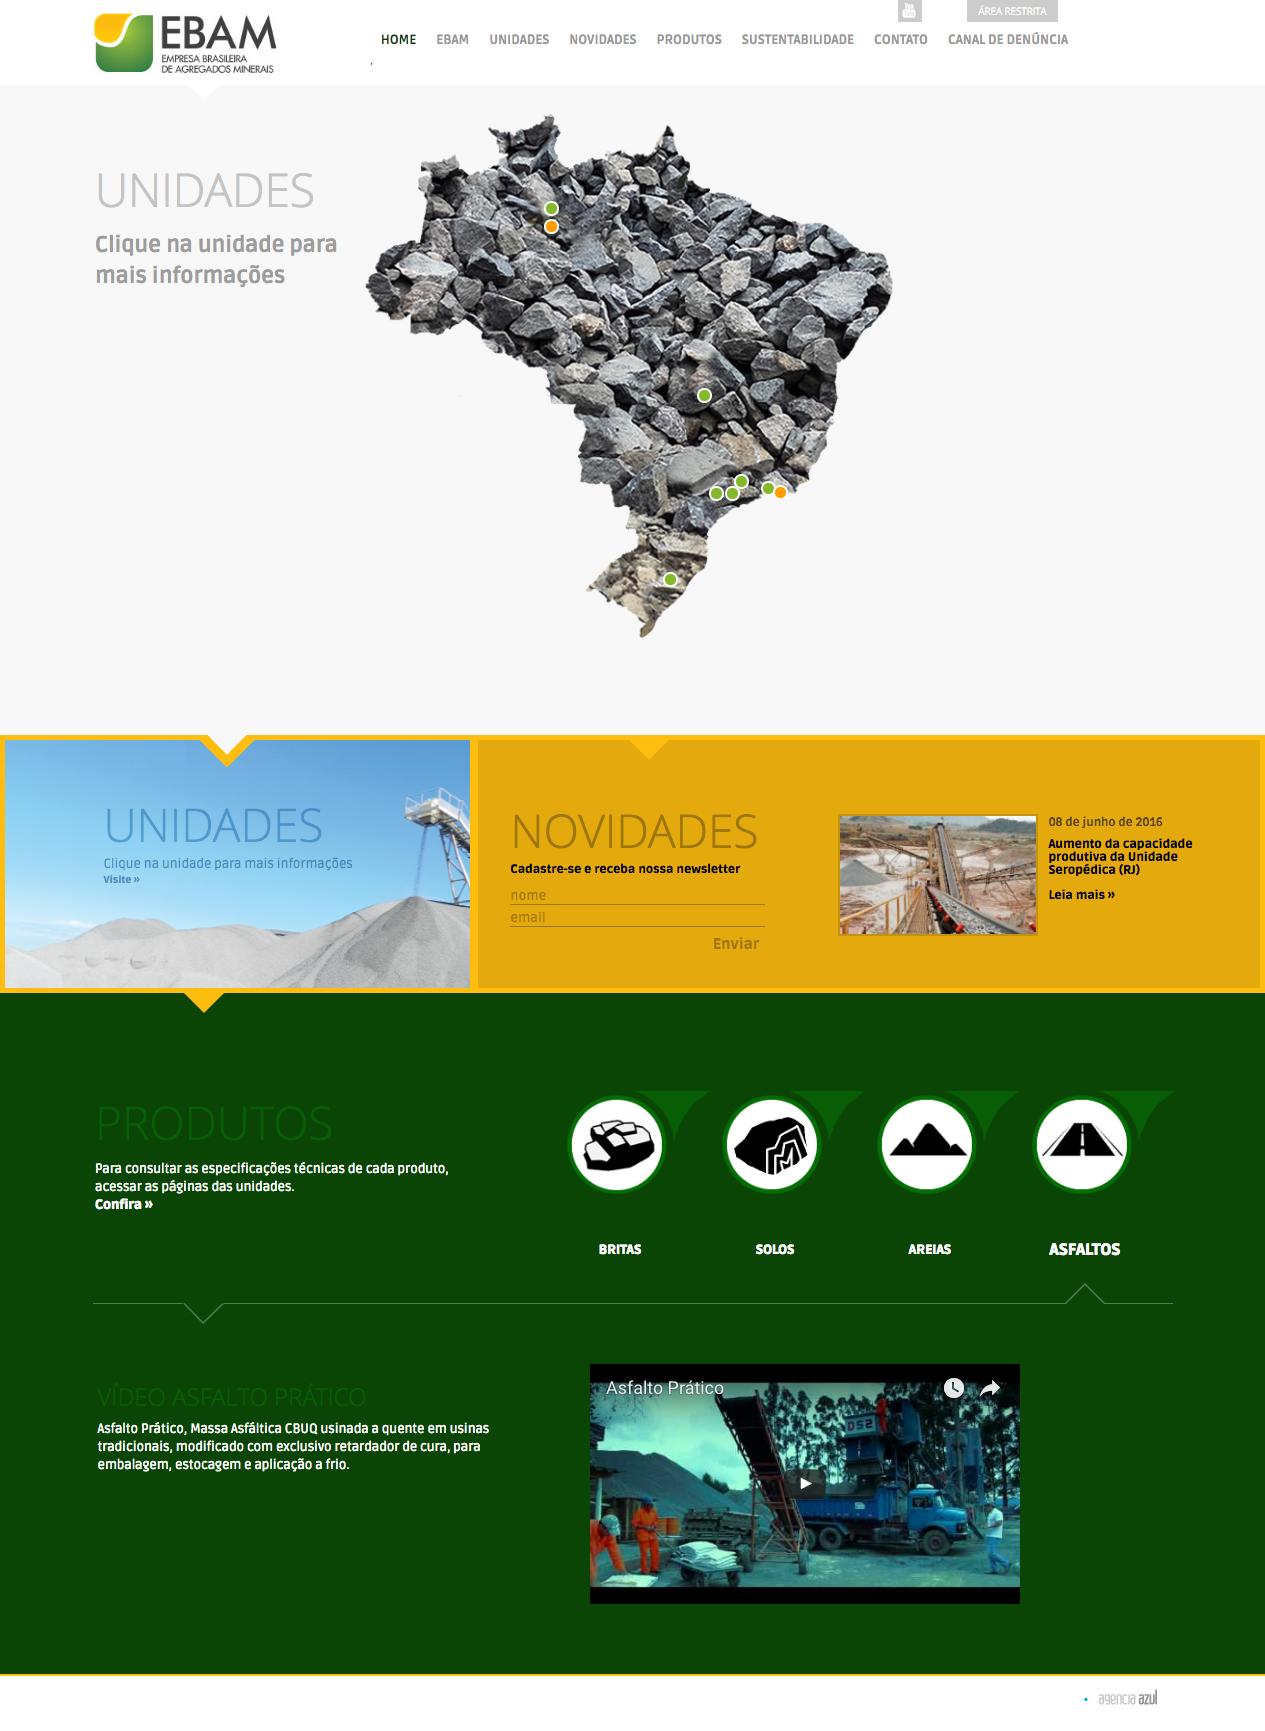 EBAM – Empresa Brasileira de Agregados Minerais